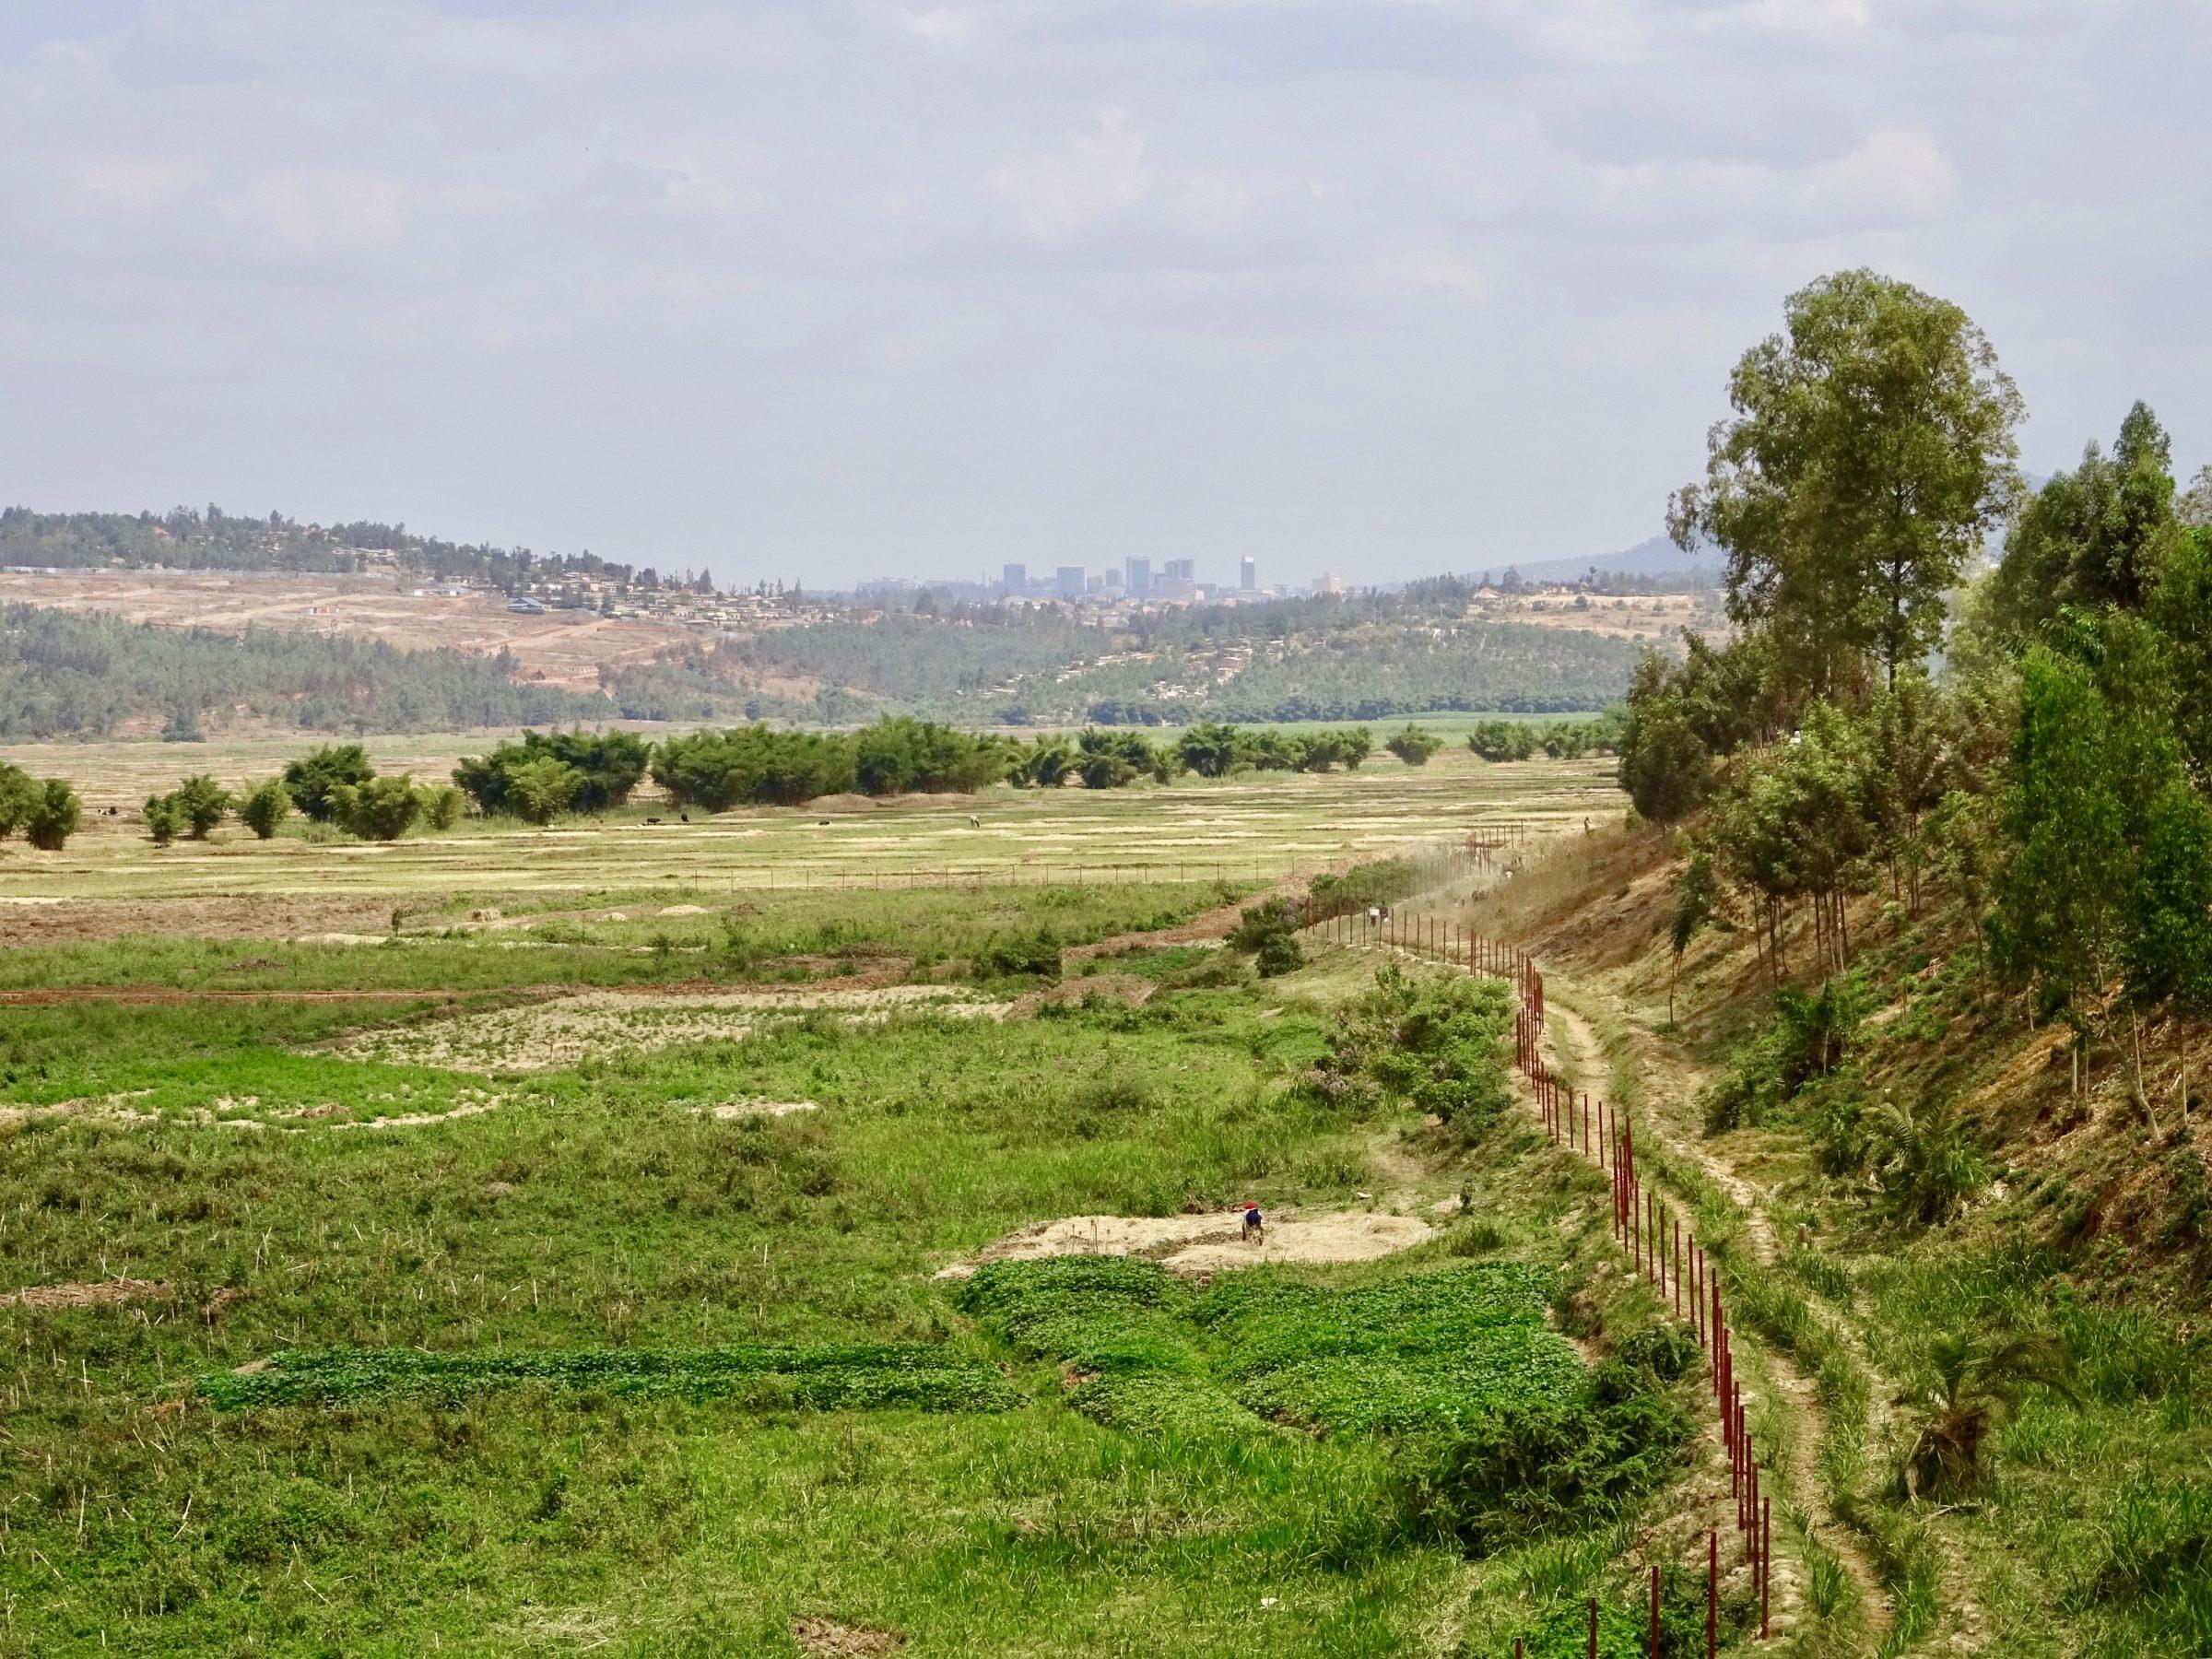 Aan de horizon de skyline van Kigali